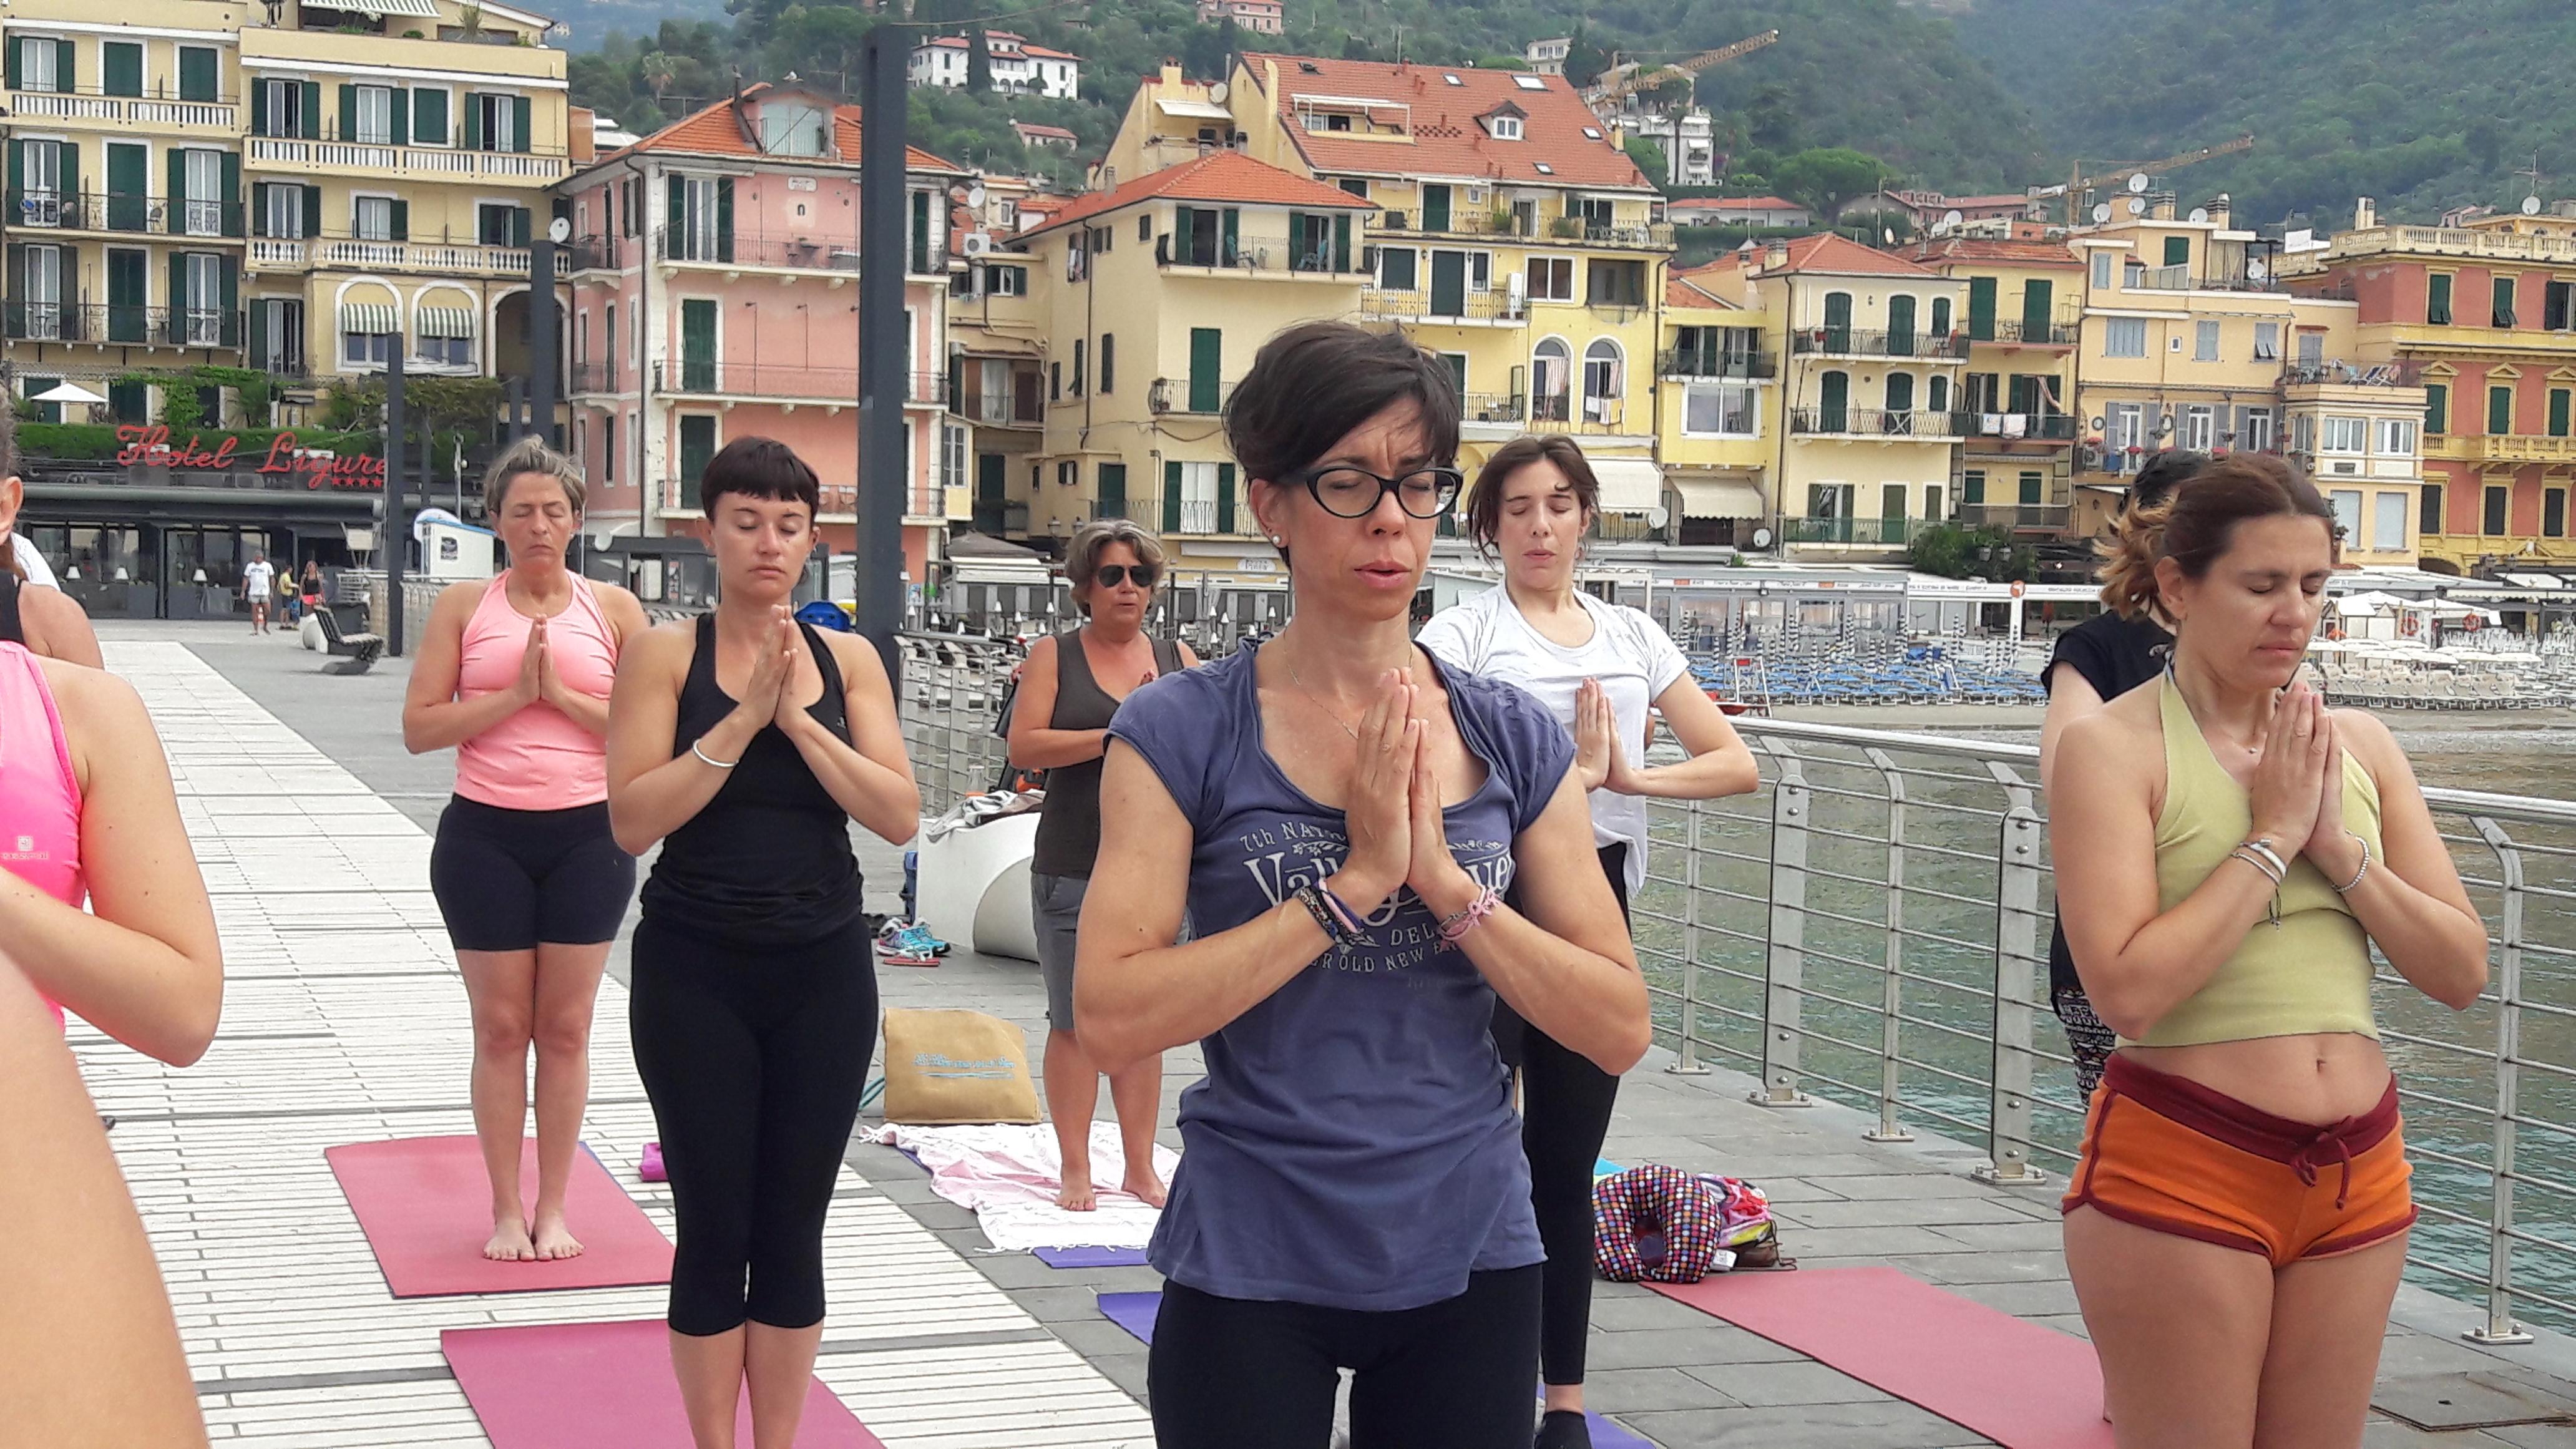 essere-free-yoga-gratuito-benessere-per-tutti-village-citta-alassio-estate-lucia-ragazzi-summer-town-wellness-064